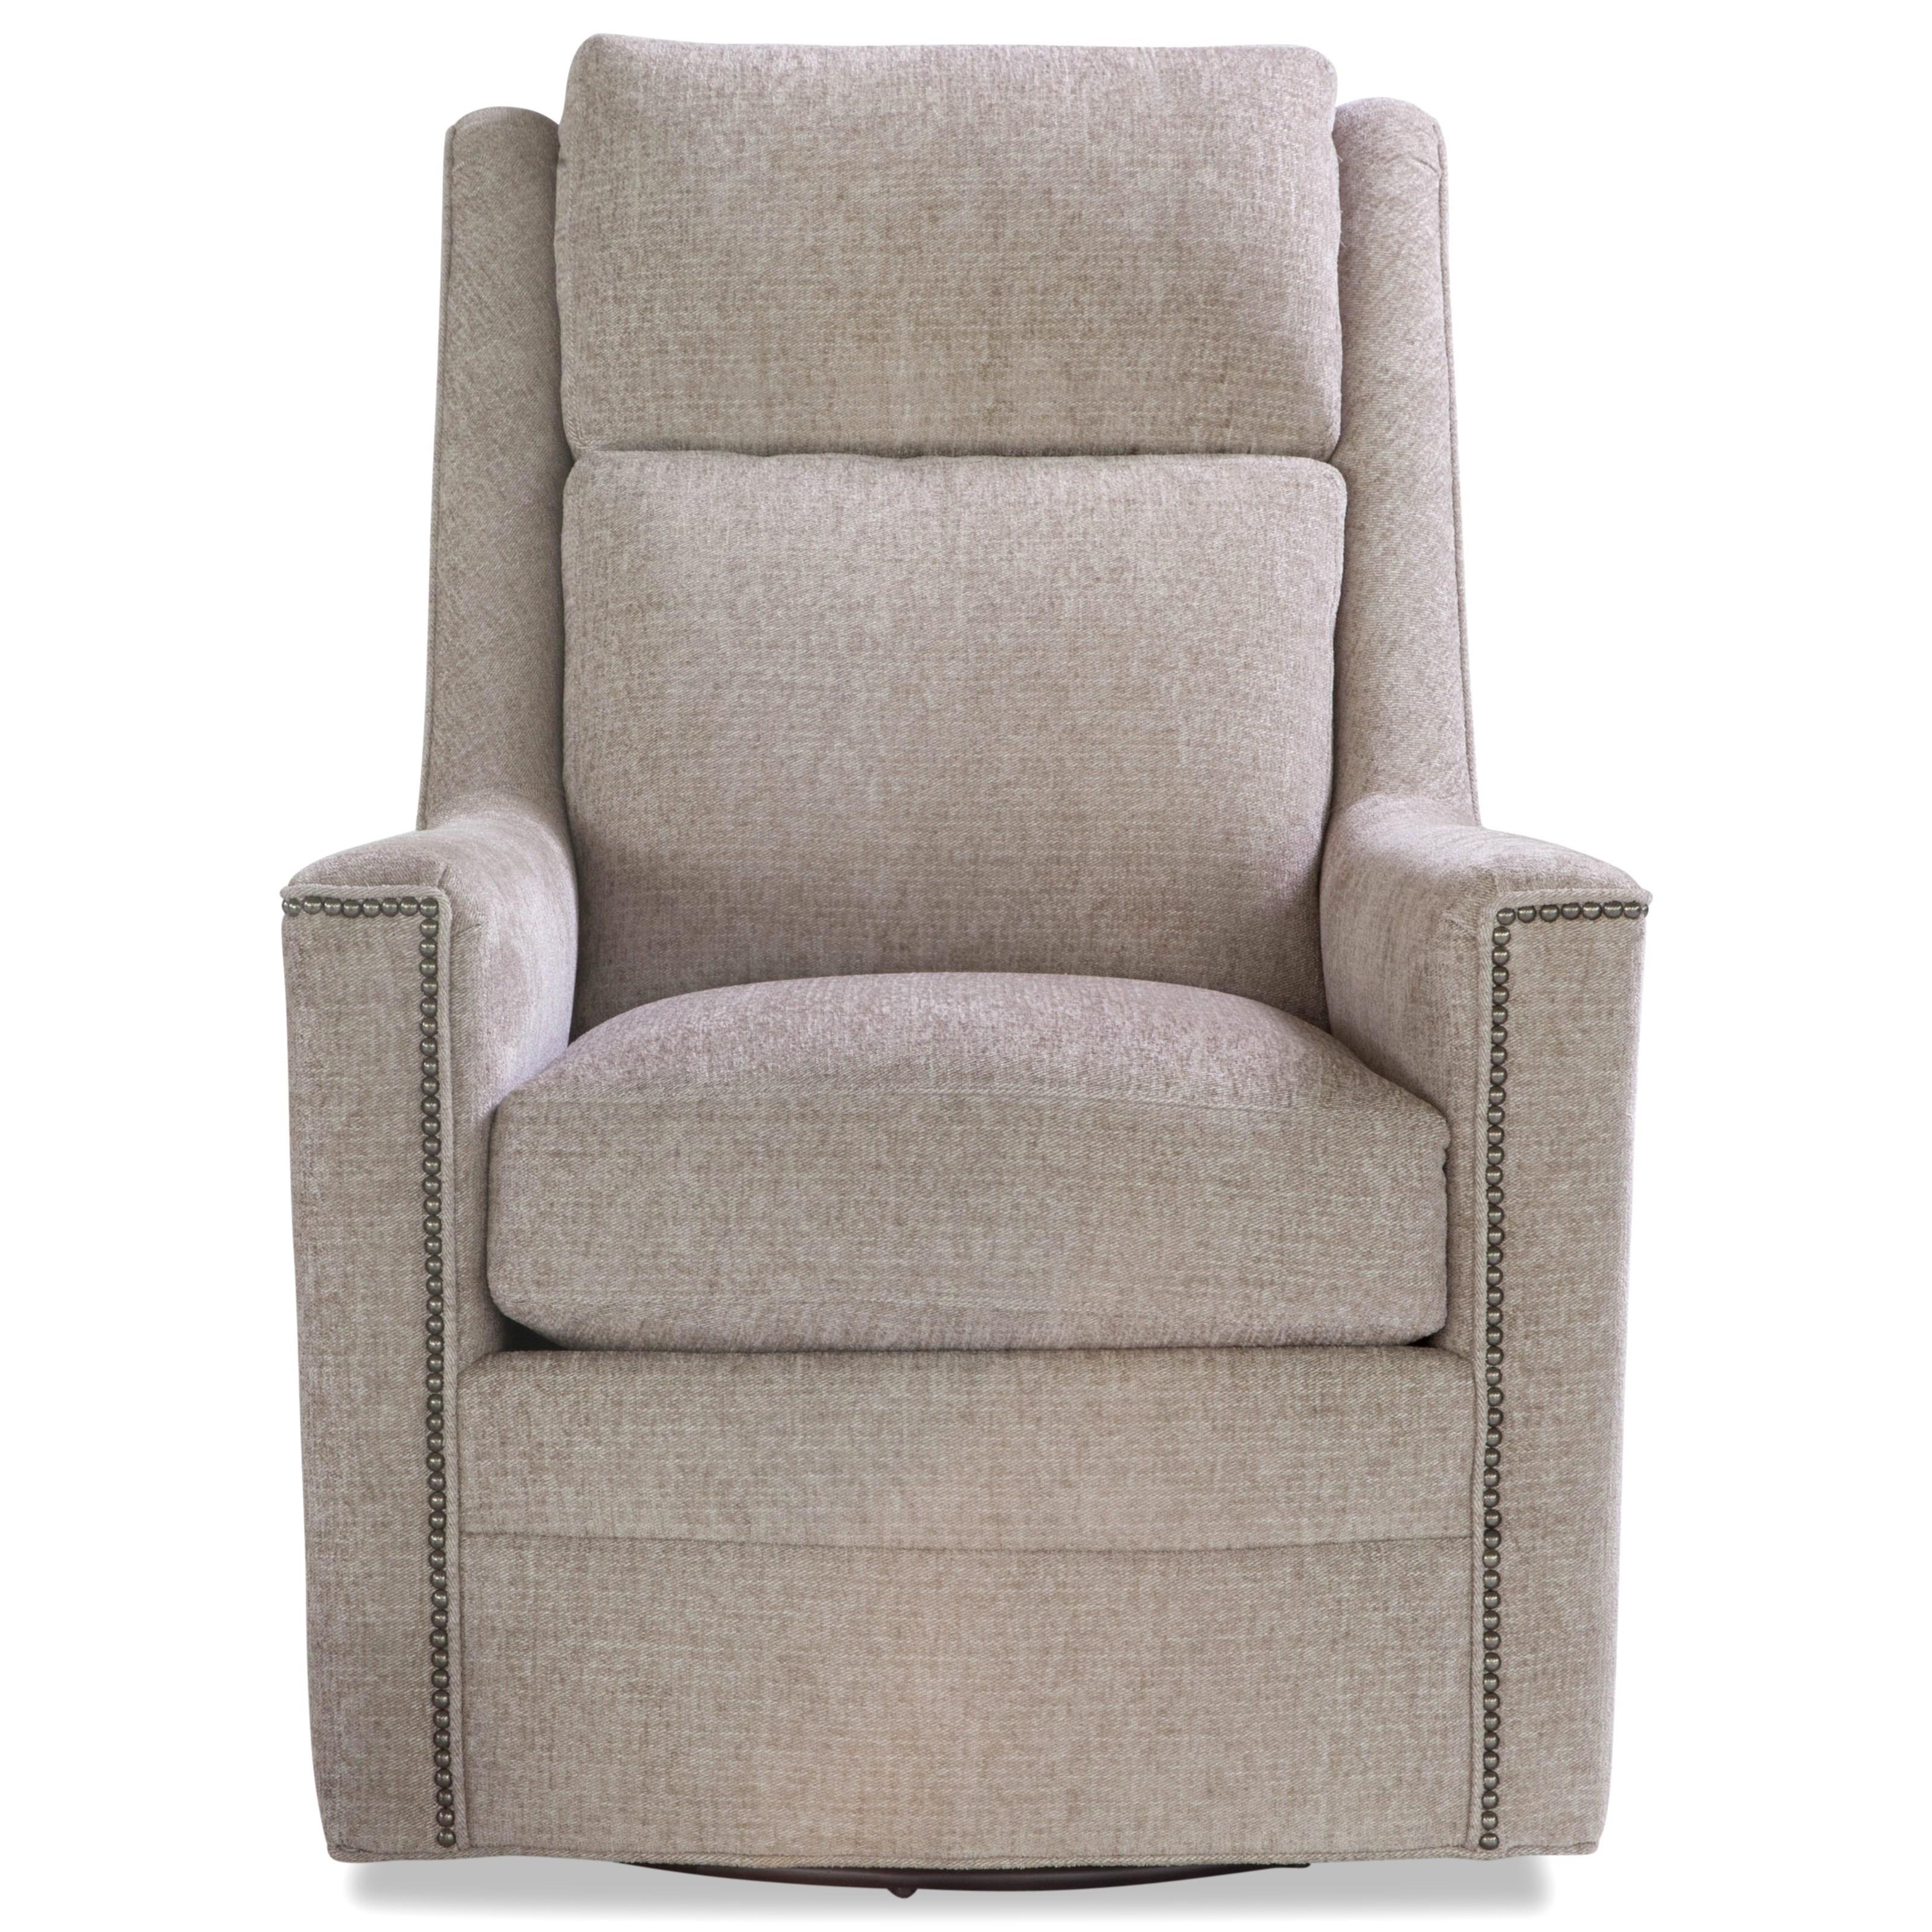 Upholstered Swivel Chair